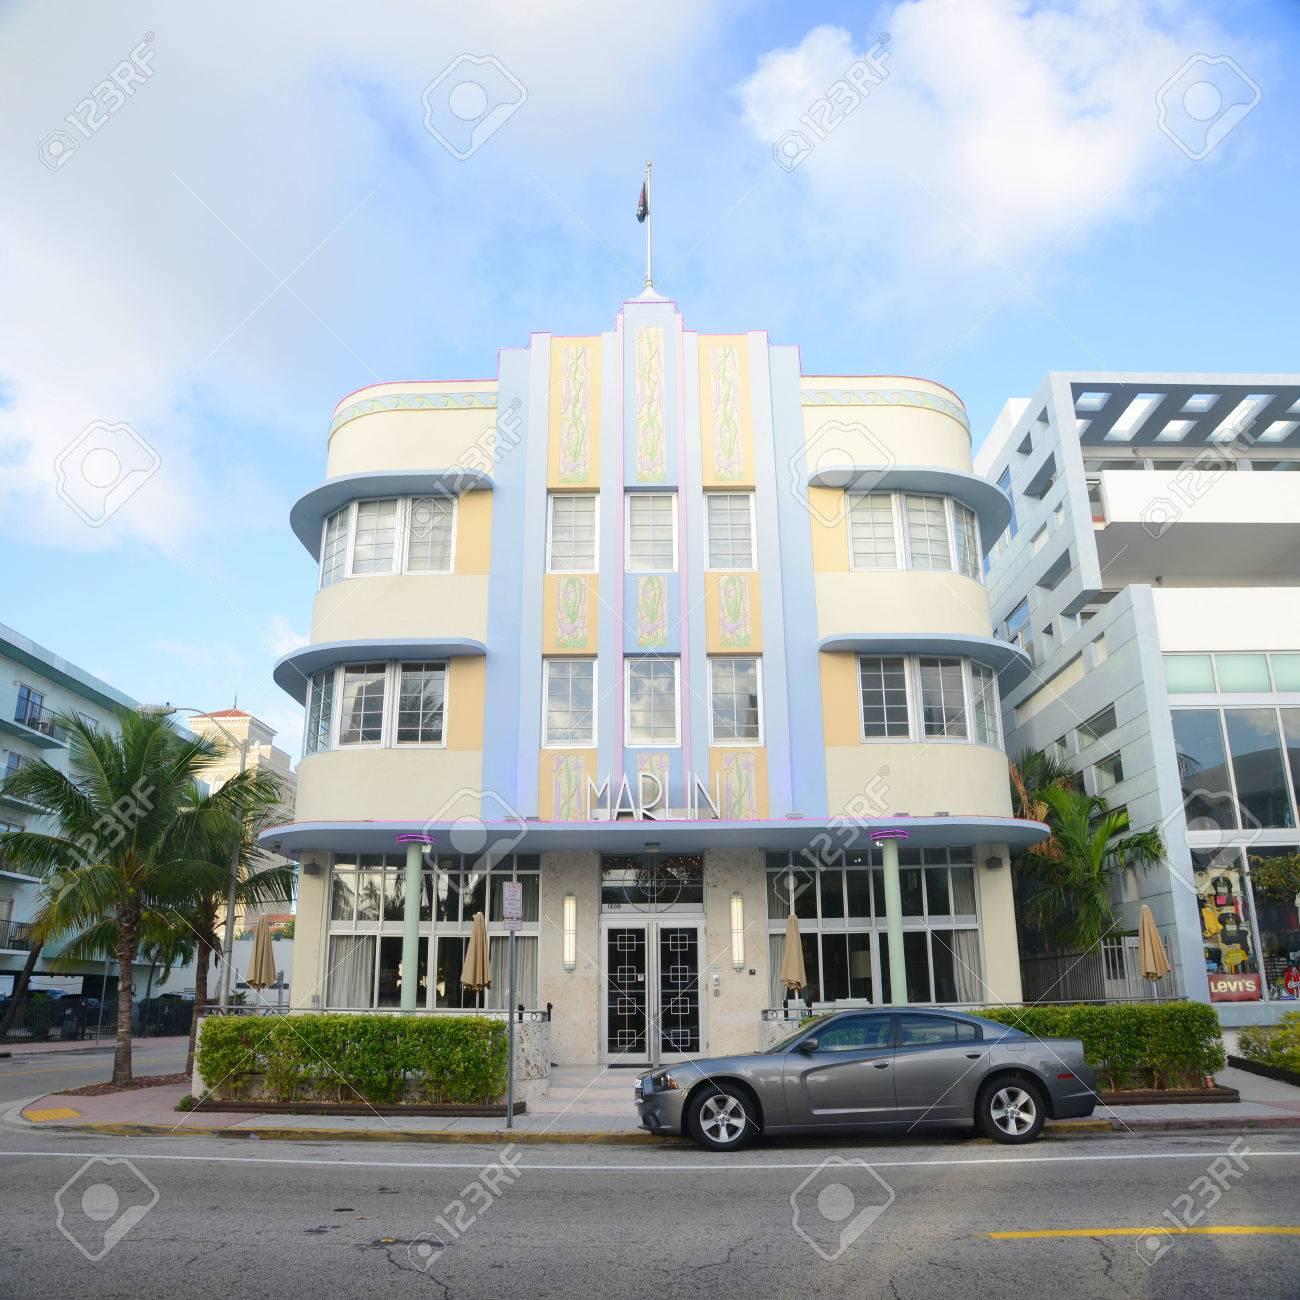 Art Deco Architektur | Marlin Hotel Mit Art Deco Stil Gebaude In Miami Beach Miami